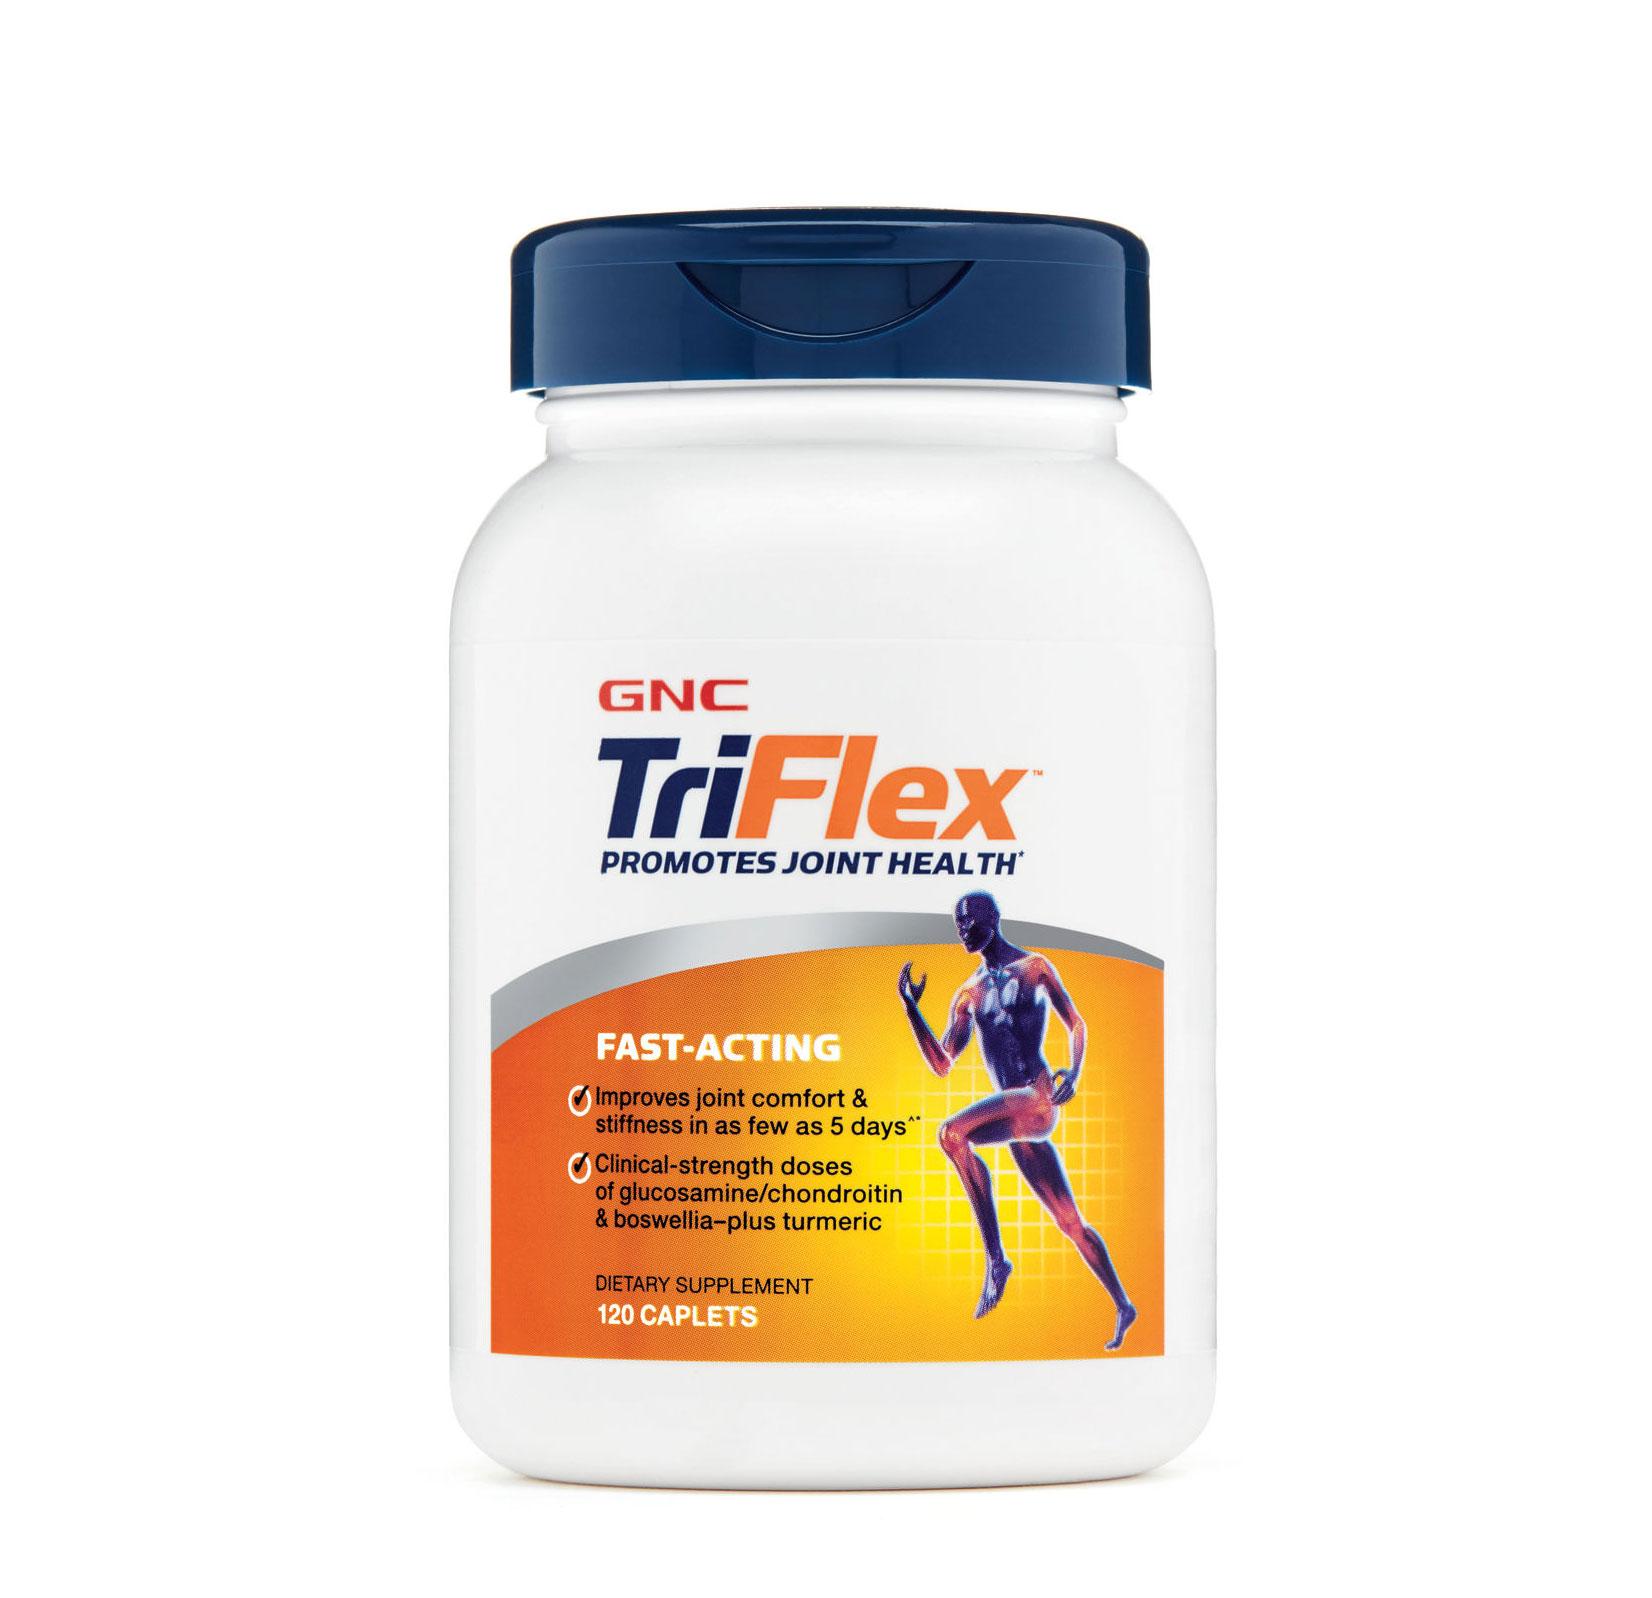 Viên uống hỗ trợ thoái hóa cột sống GNC Triflex Promotes Joint Health